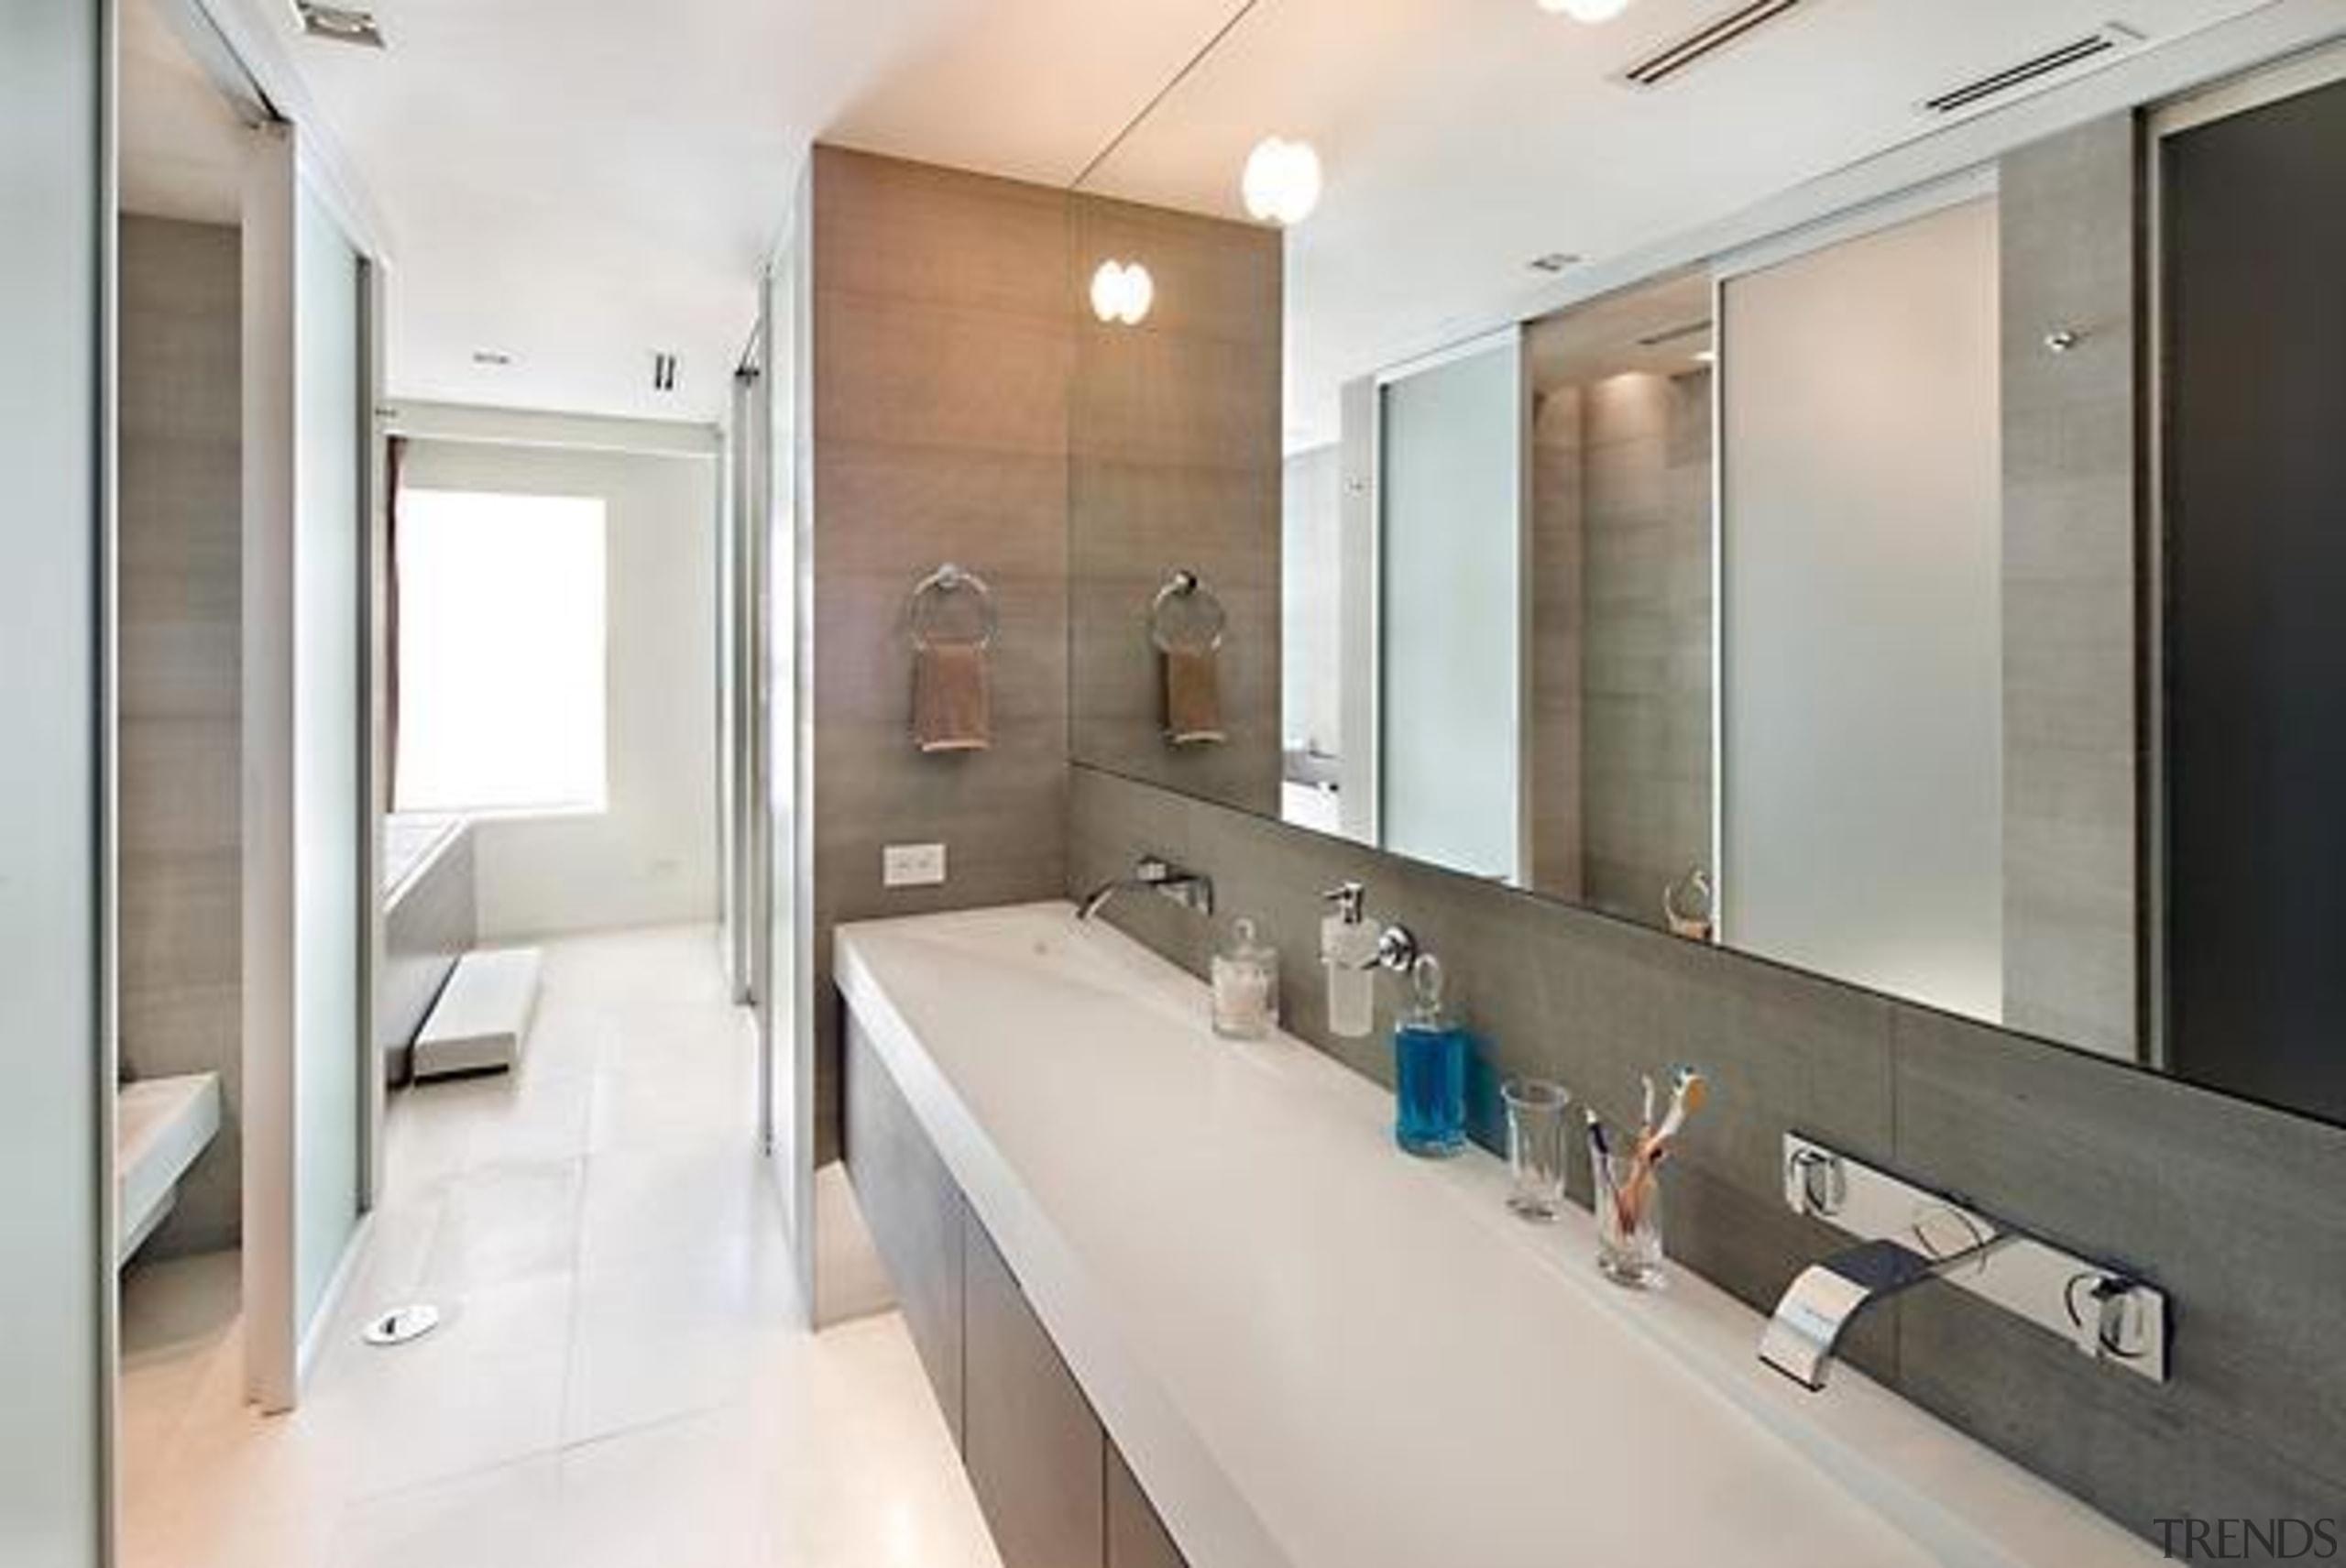 Source: Trulia architecture, bathroom, interior design, real estate, room, sink, white, gray